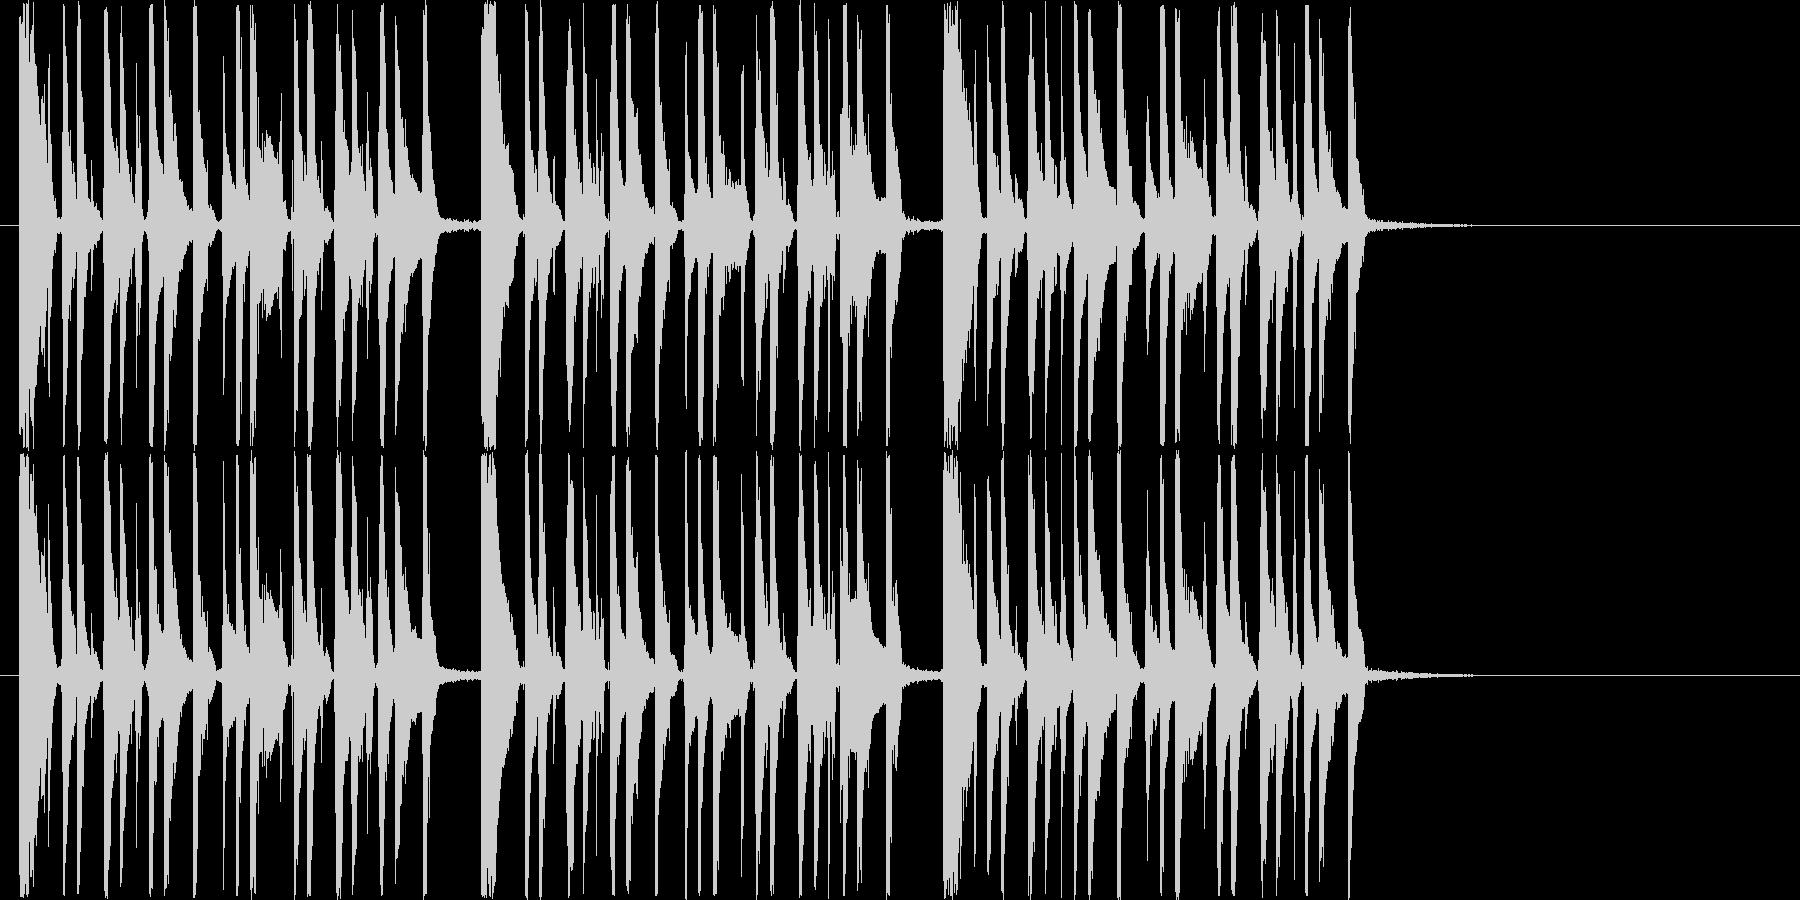 リズミカルでアップテンポなシンセジングルの未再生の波形